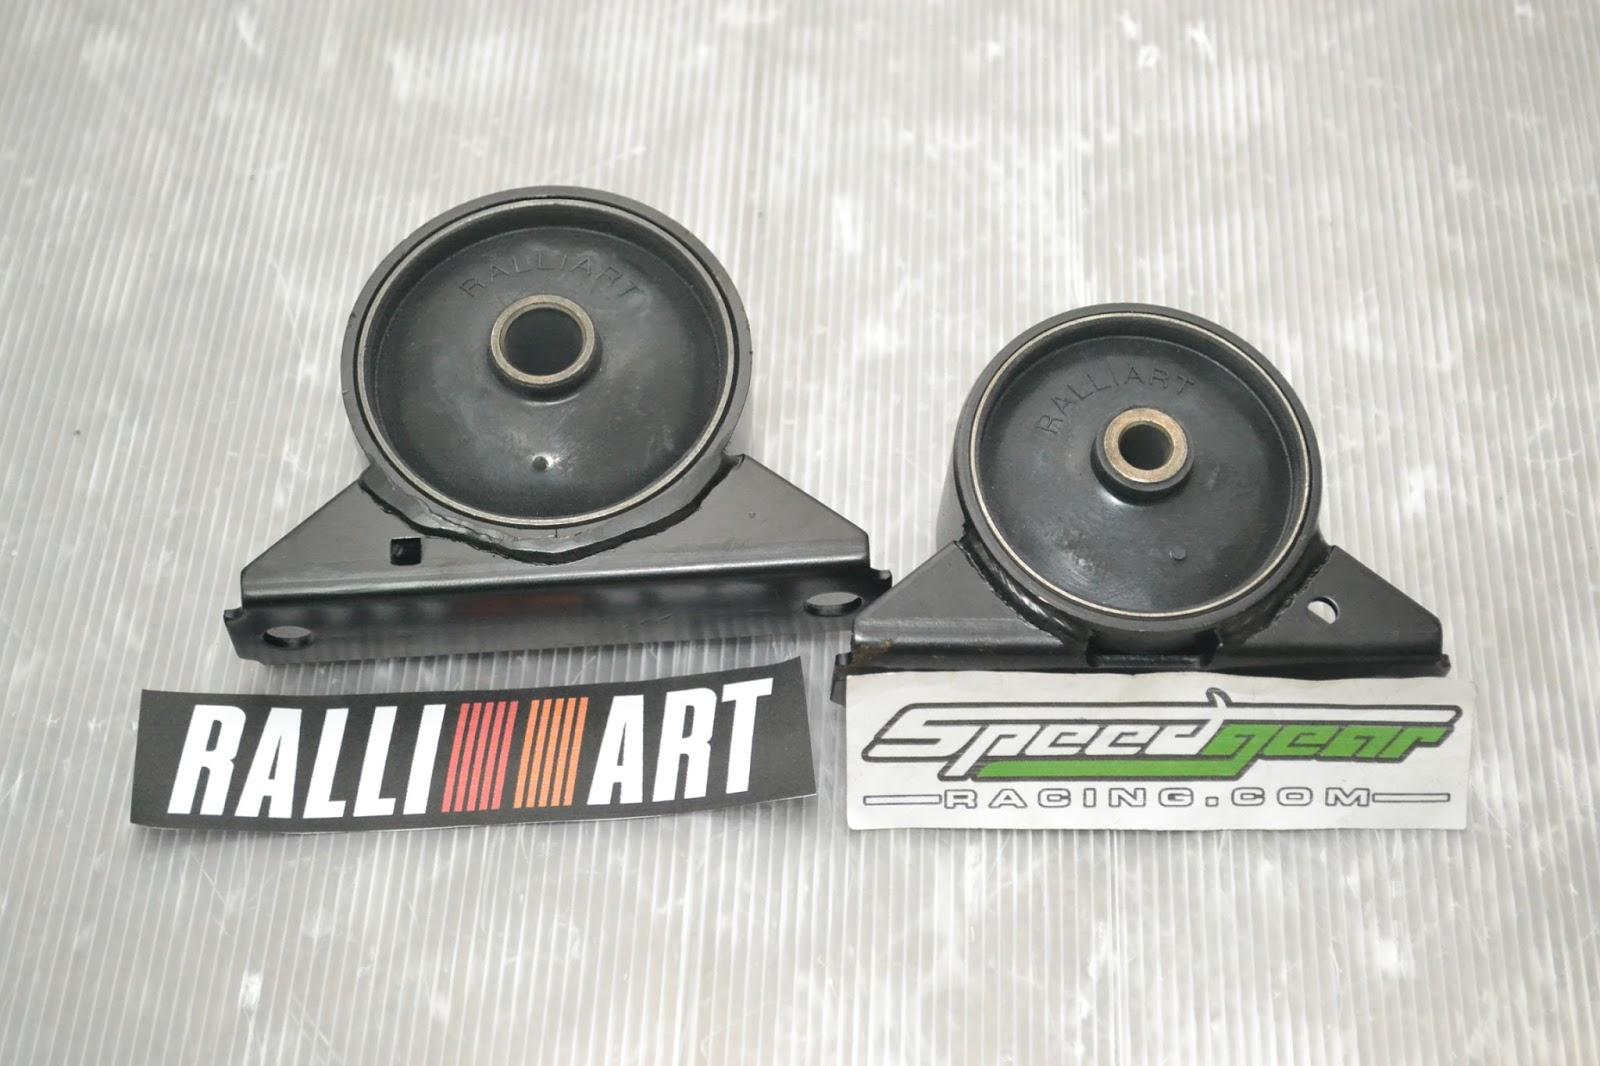 Speedgear Racing: Ralliart racing engine crossmember mount